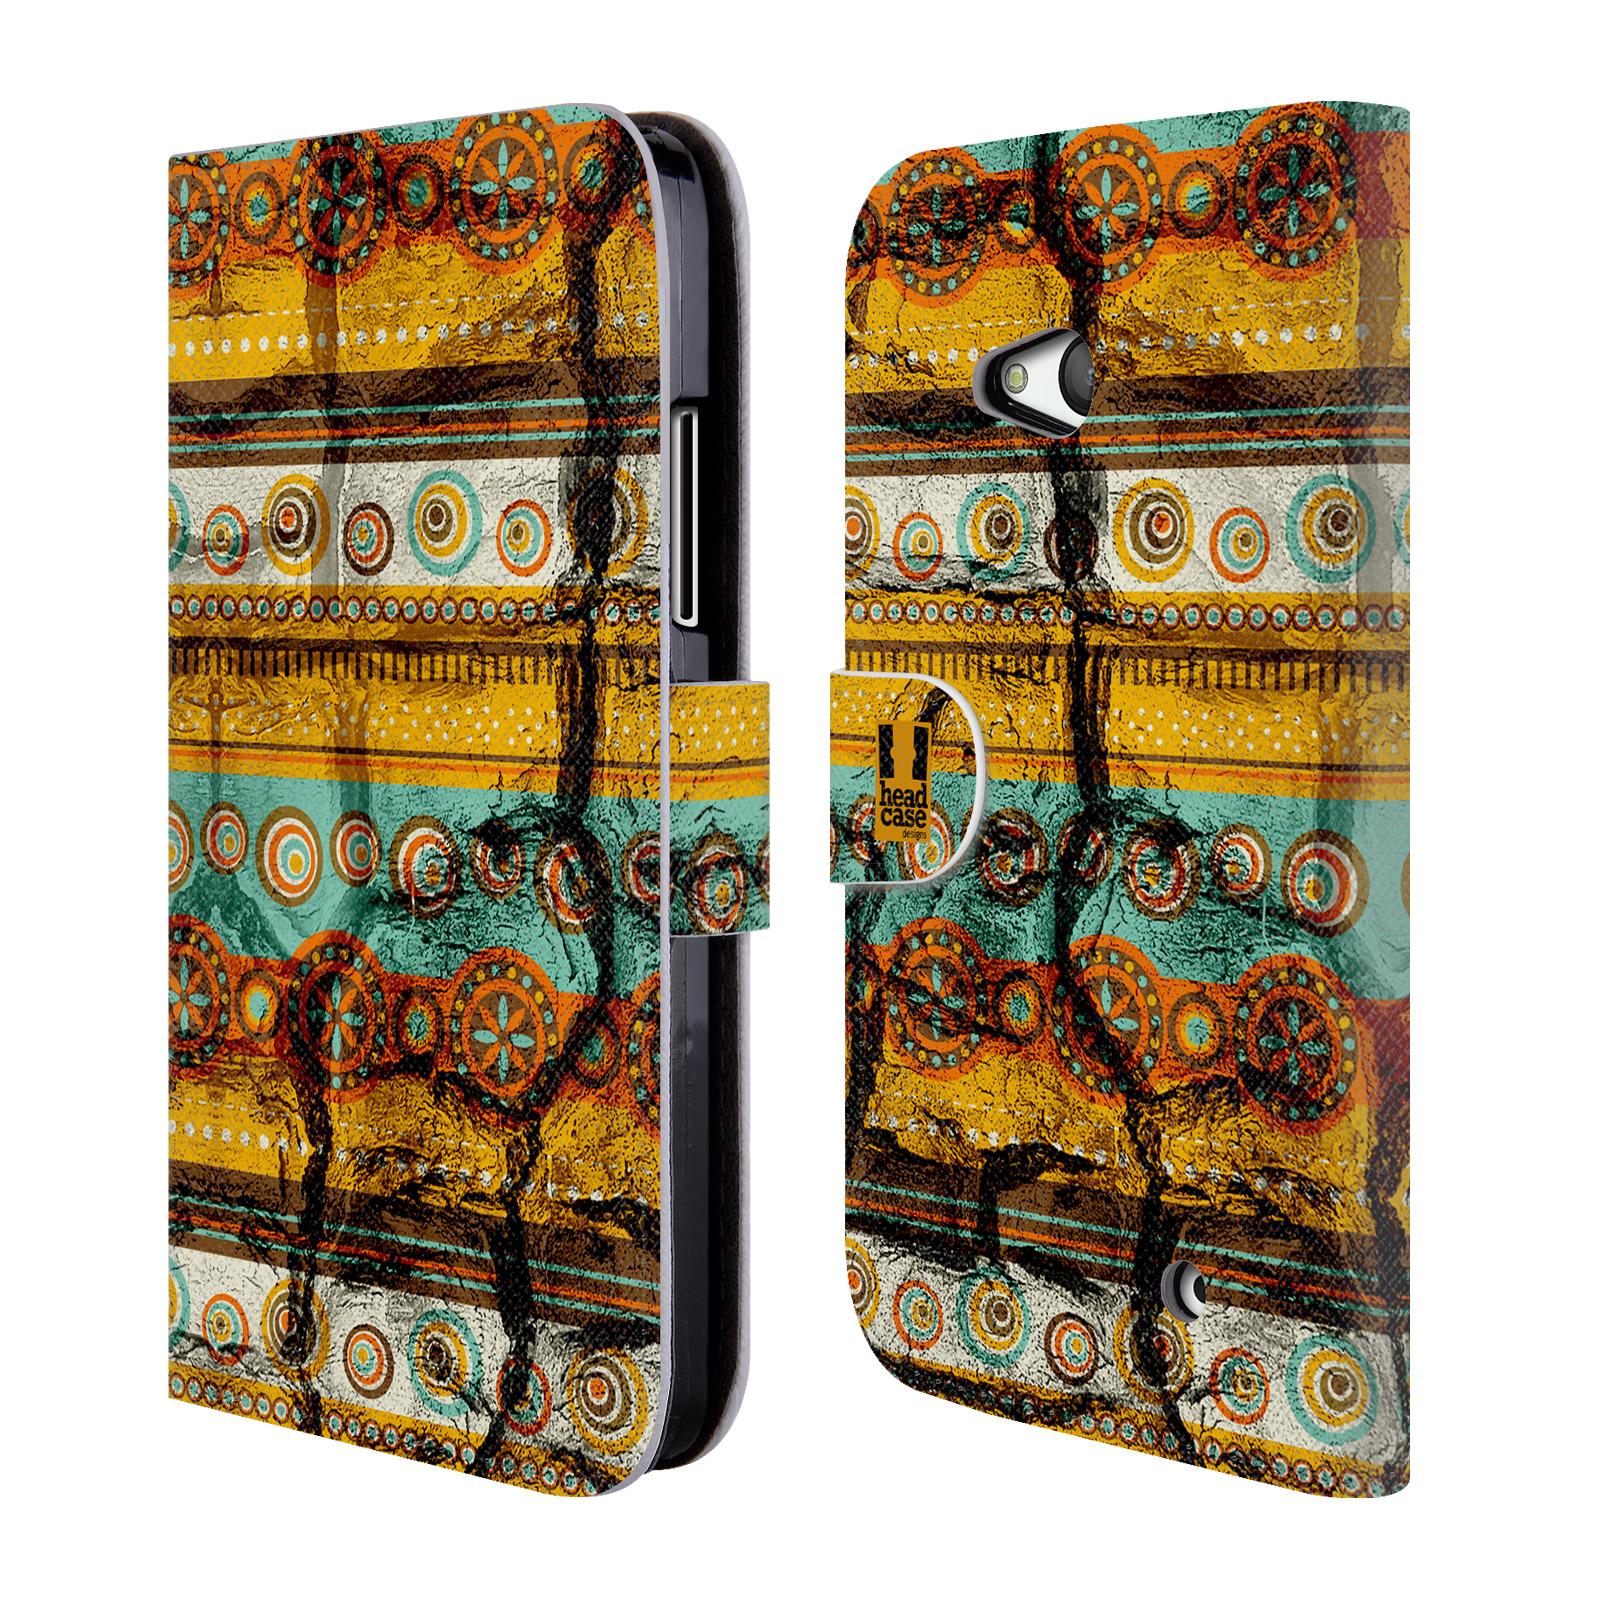 HEAD CASE Flipové pouzdro pro mobil NOKIA / MICROSOFT LUMIA 640 / LUMIA 640 DUAL retro textura indie rozbitý